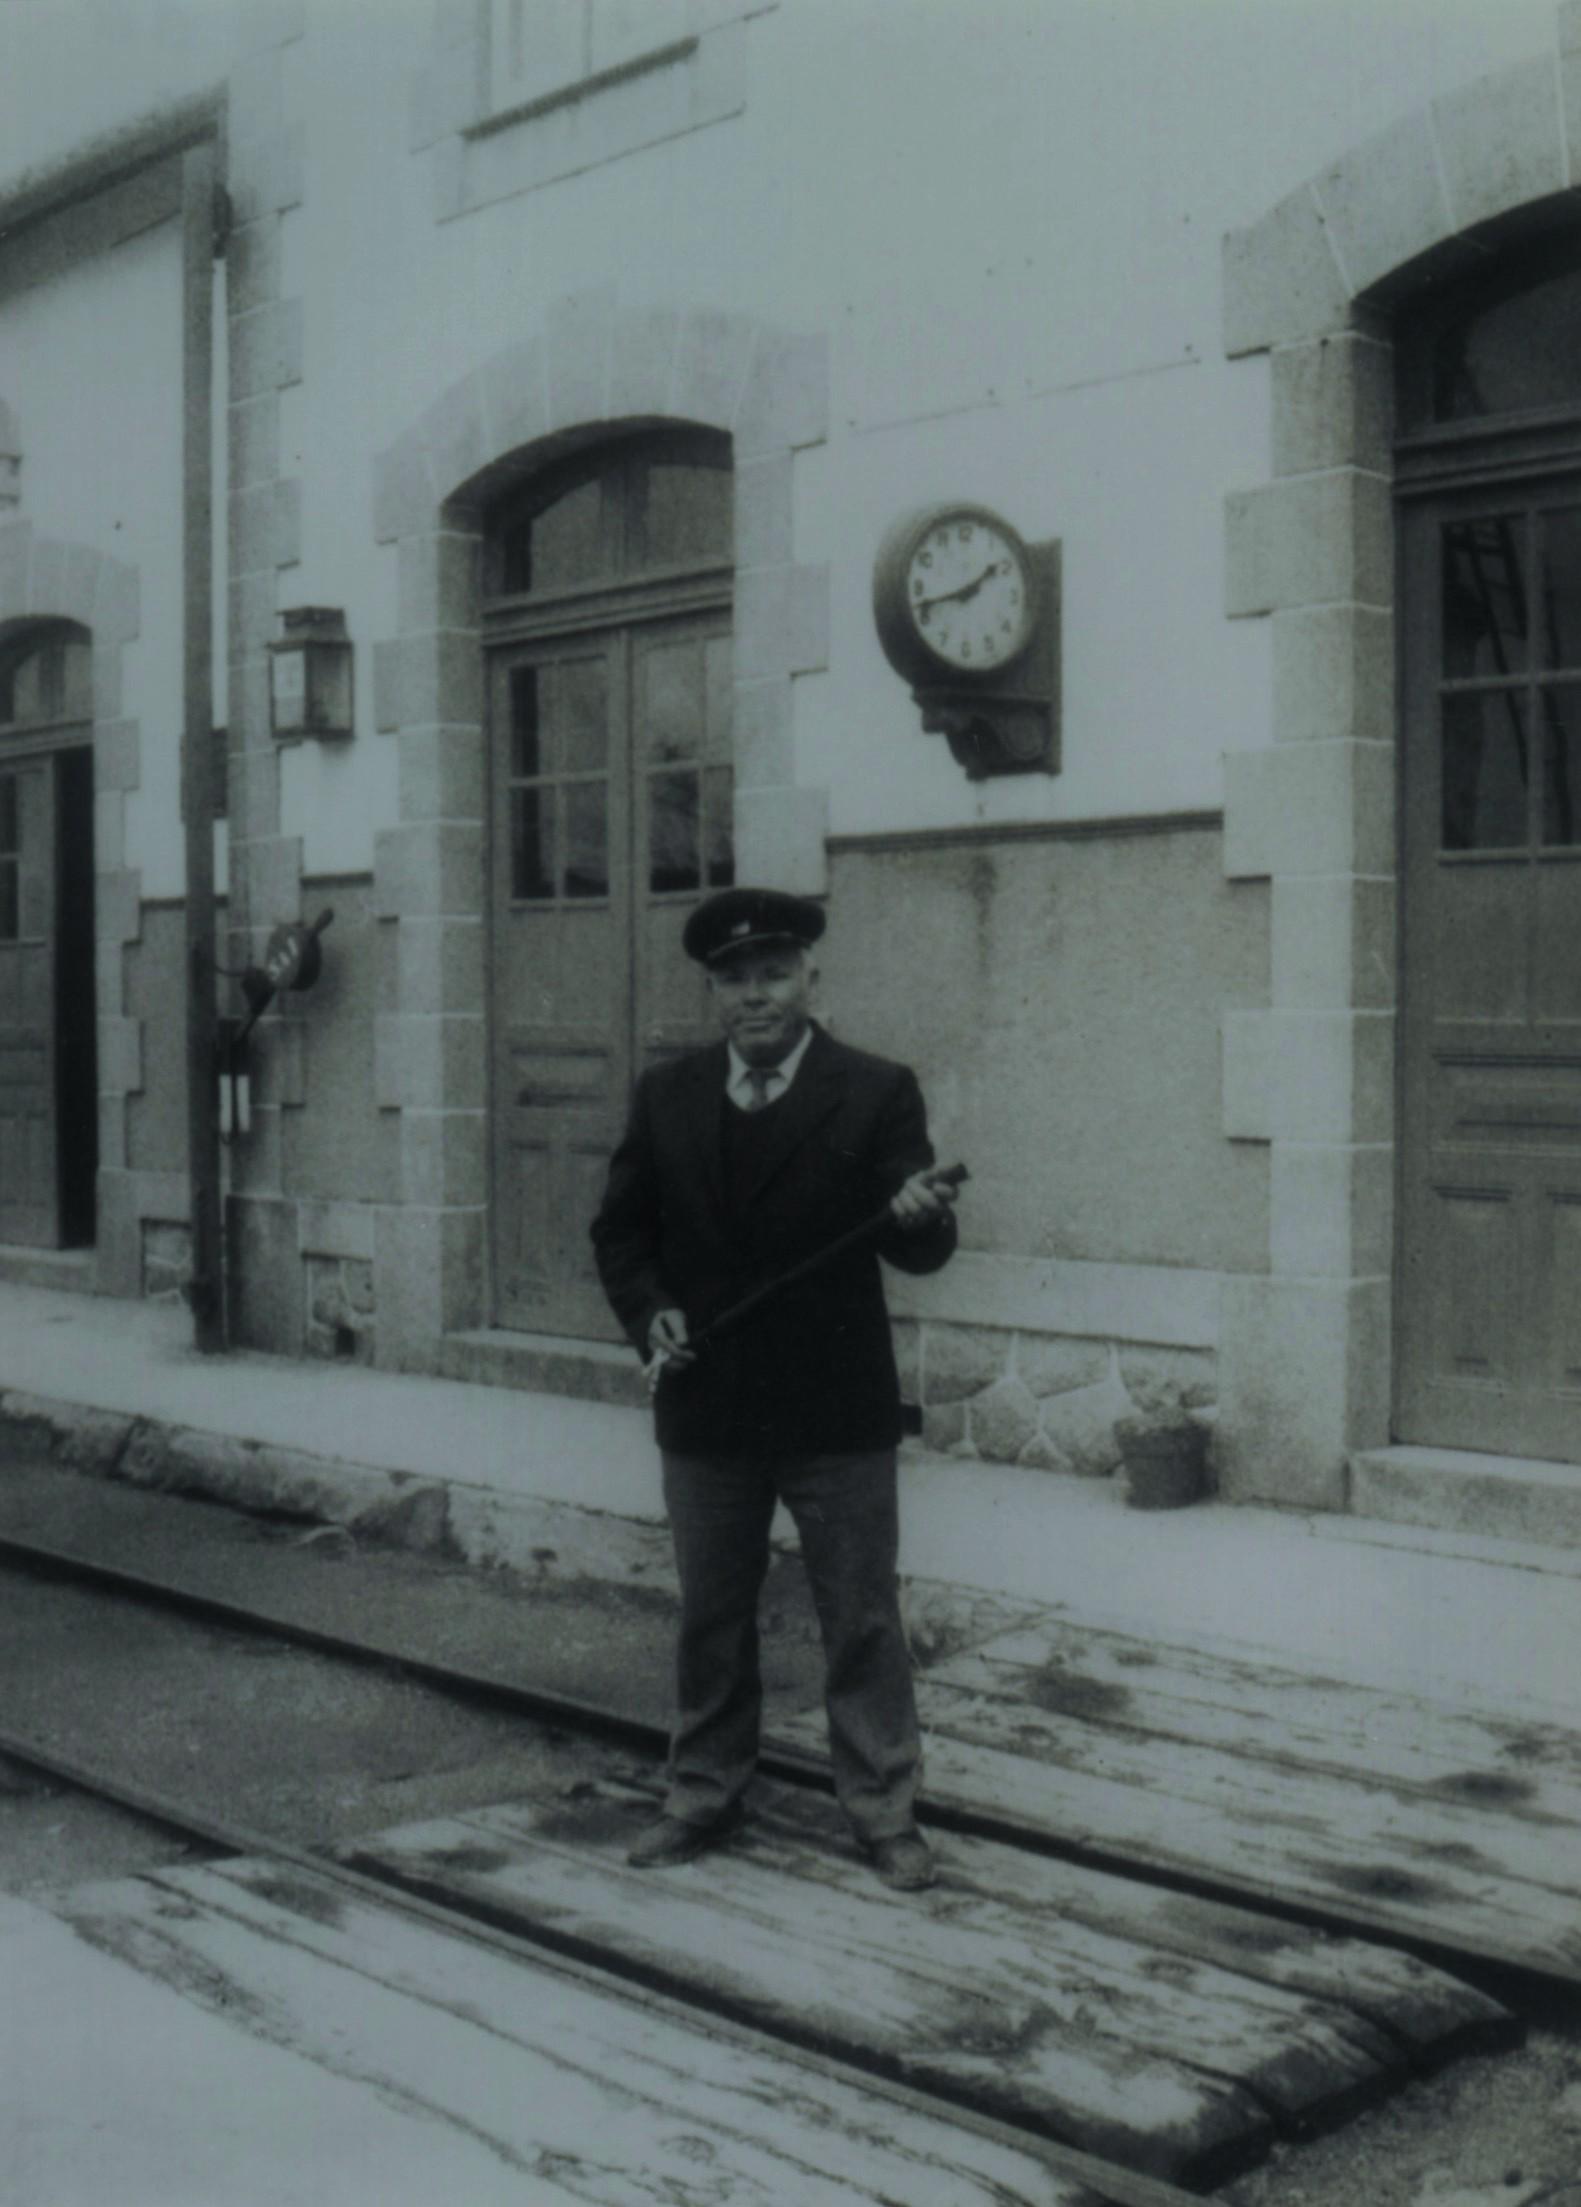 Chefe da estação dos caminhos de ferro (Anos 60)